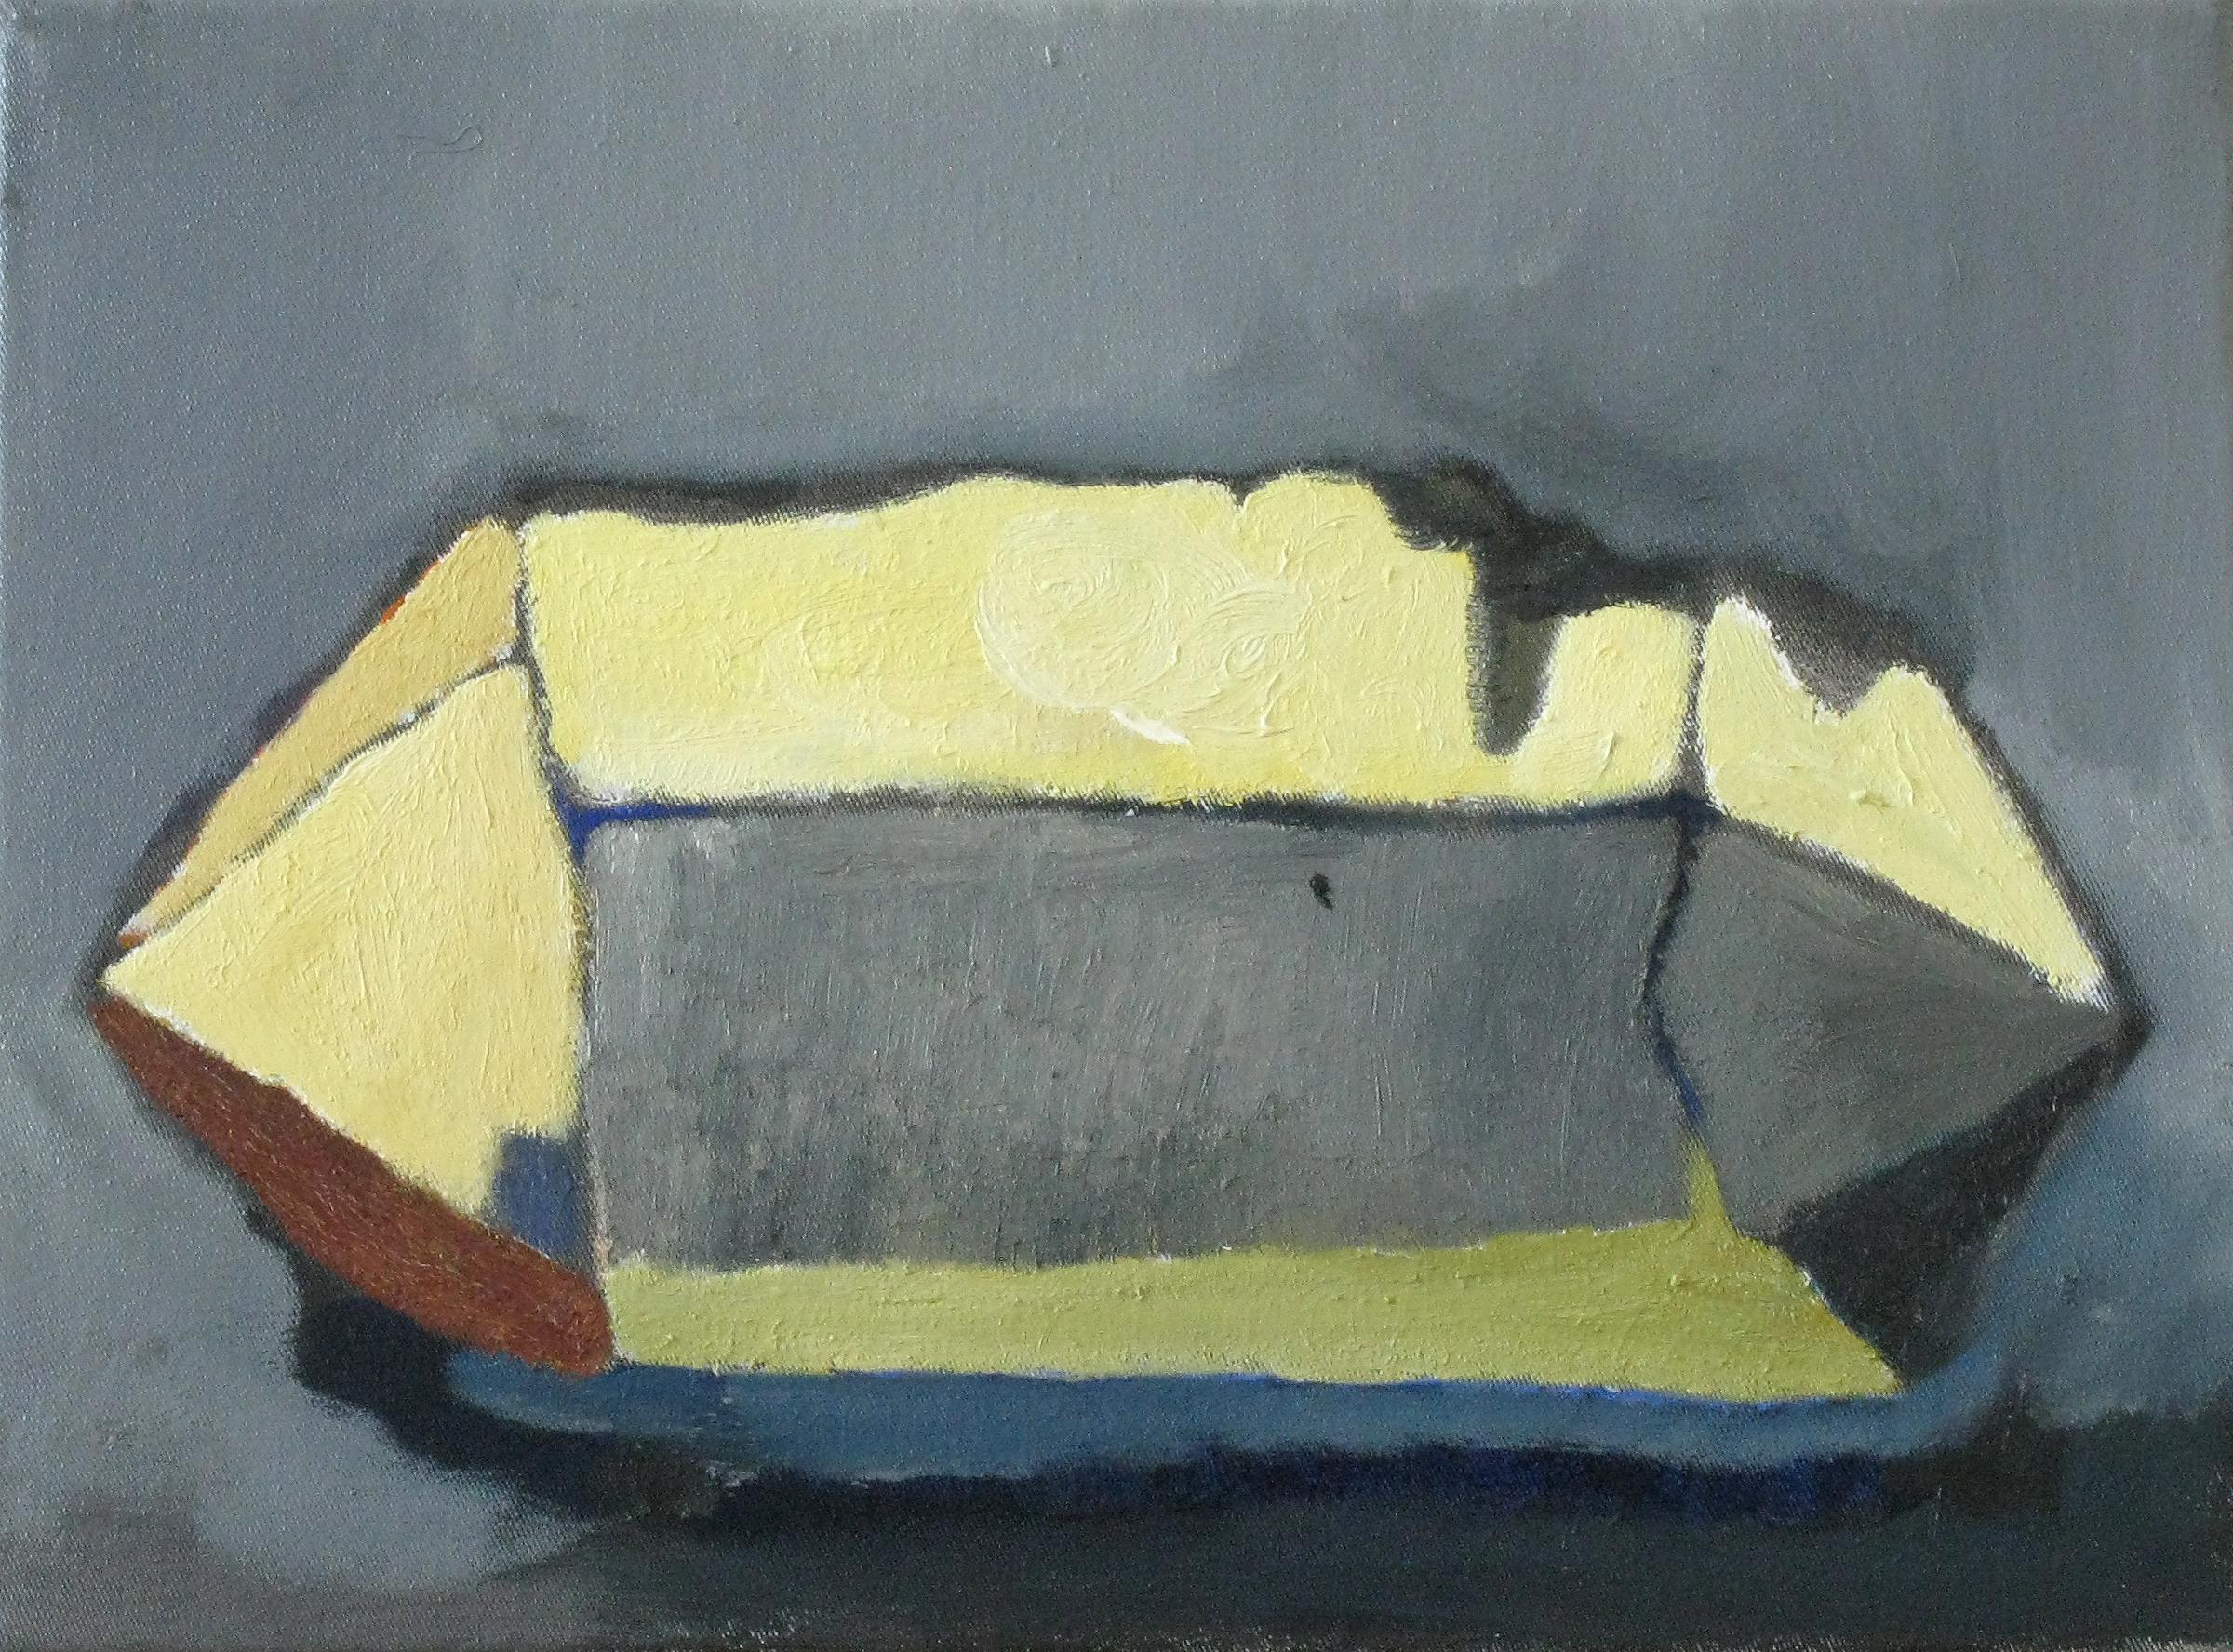 """CHRISTOPH ROßNER   Stone, oil on canvas, 10.25"""" x 13.75"""", 2009"""